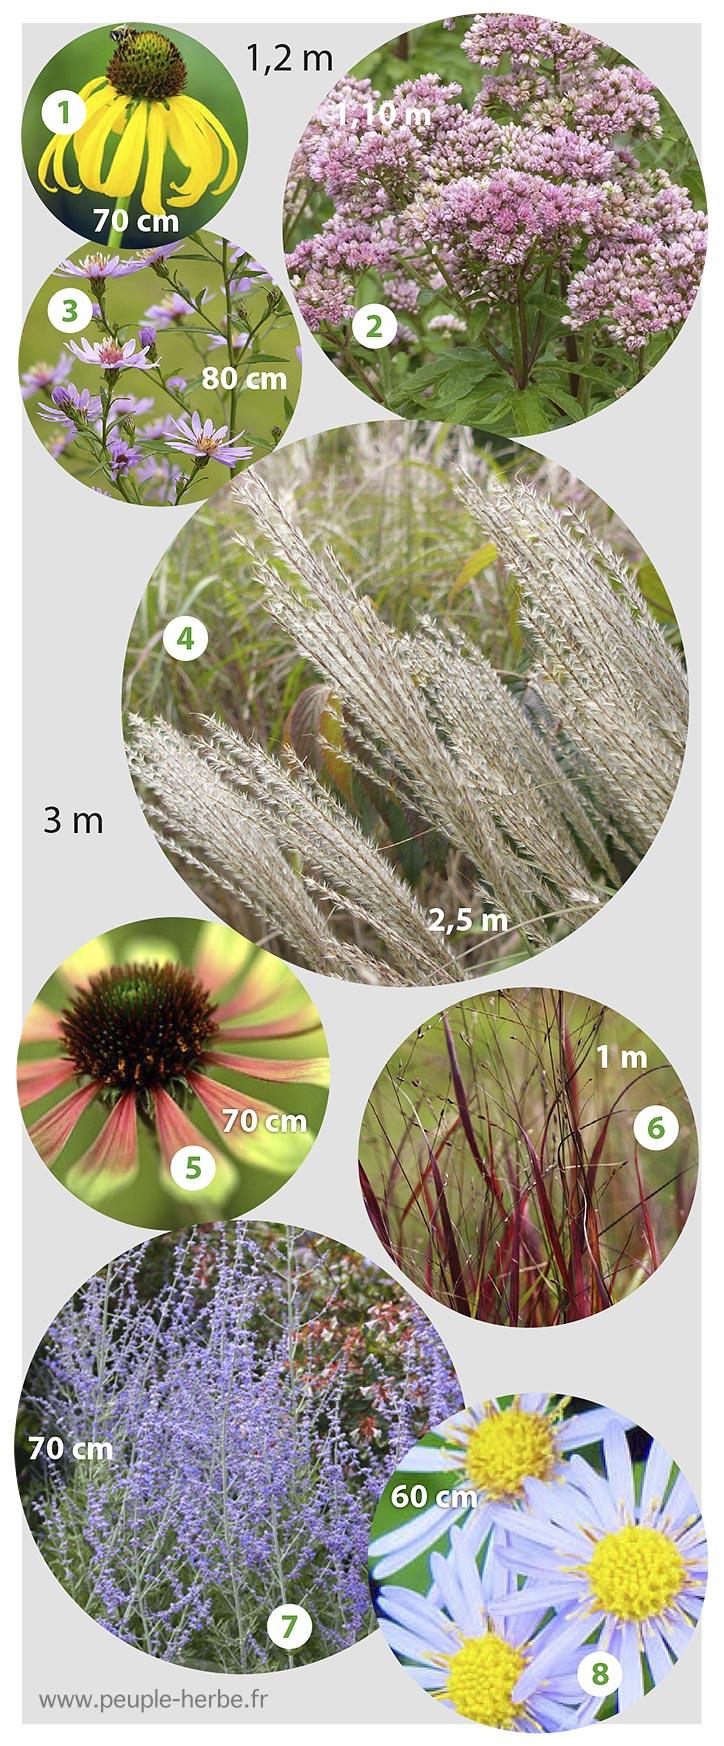 Bordure vivaces automne : asters, graminées, echinacées, eupatoires.